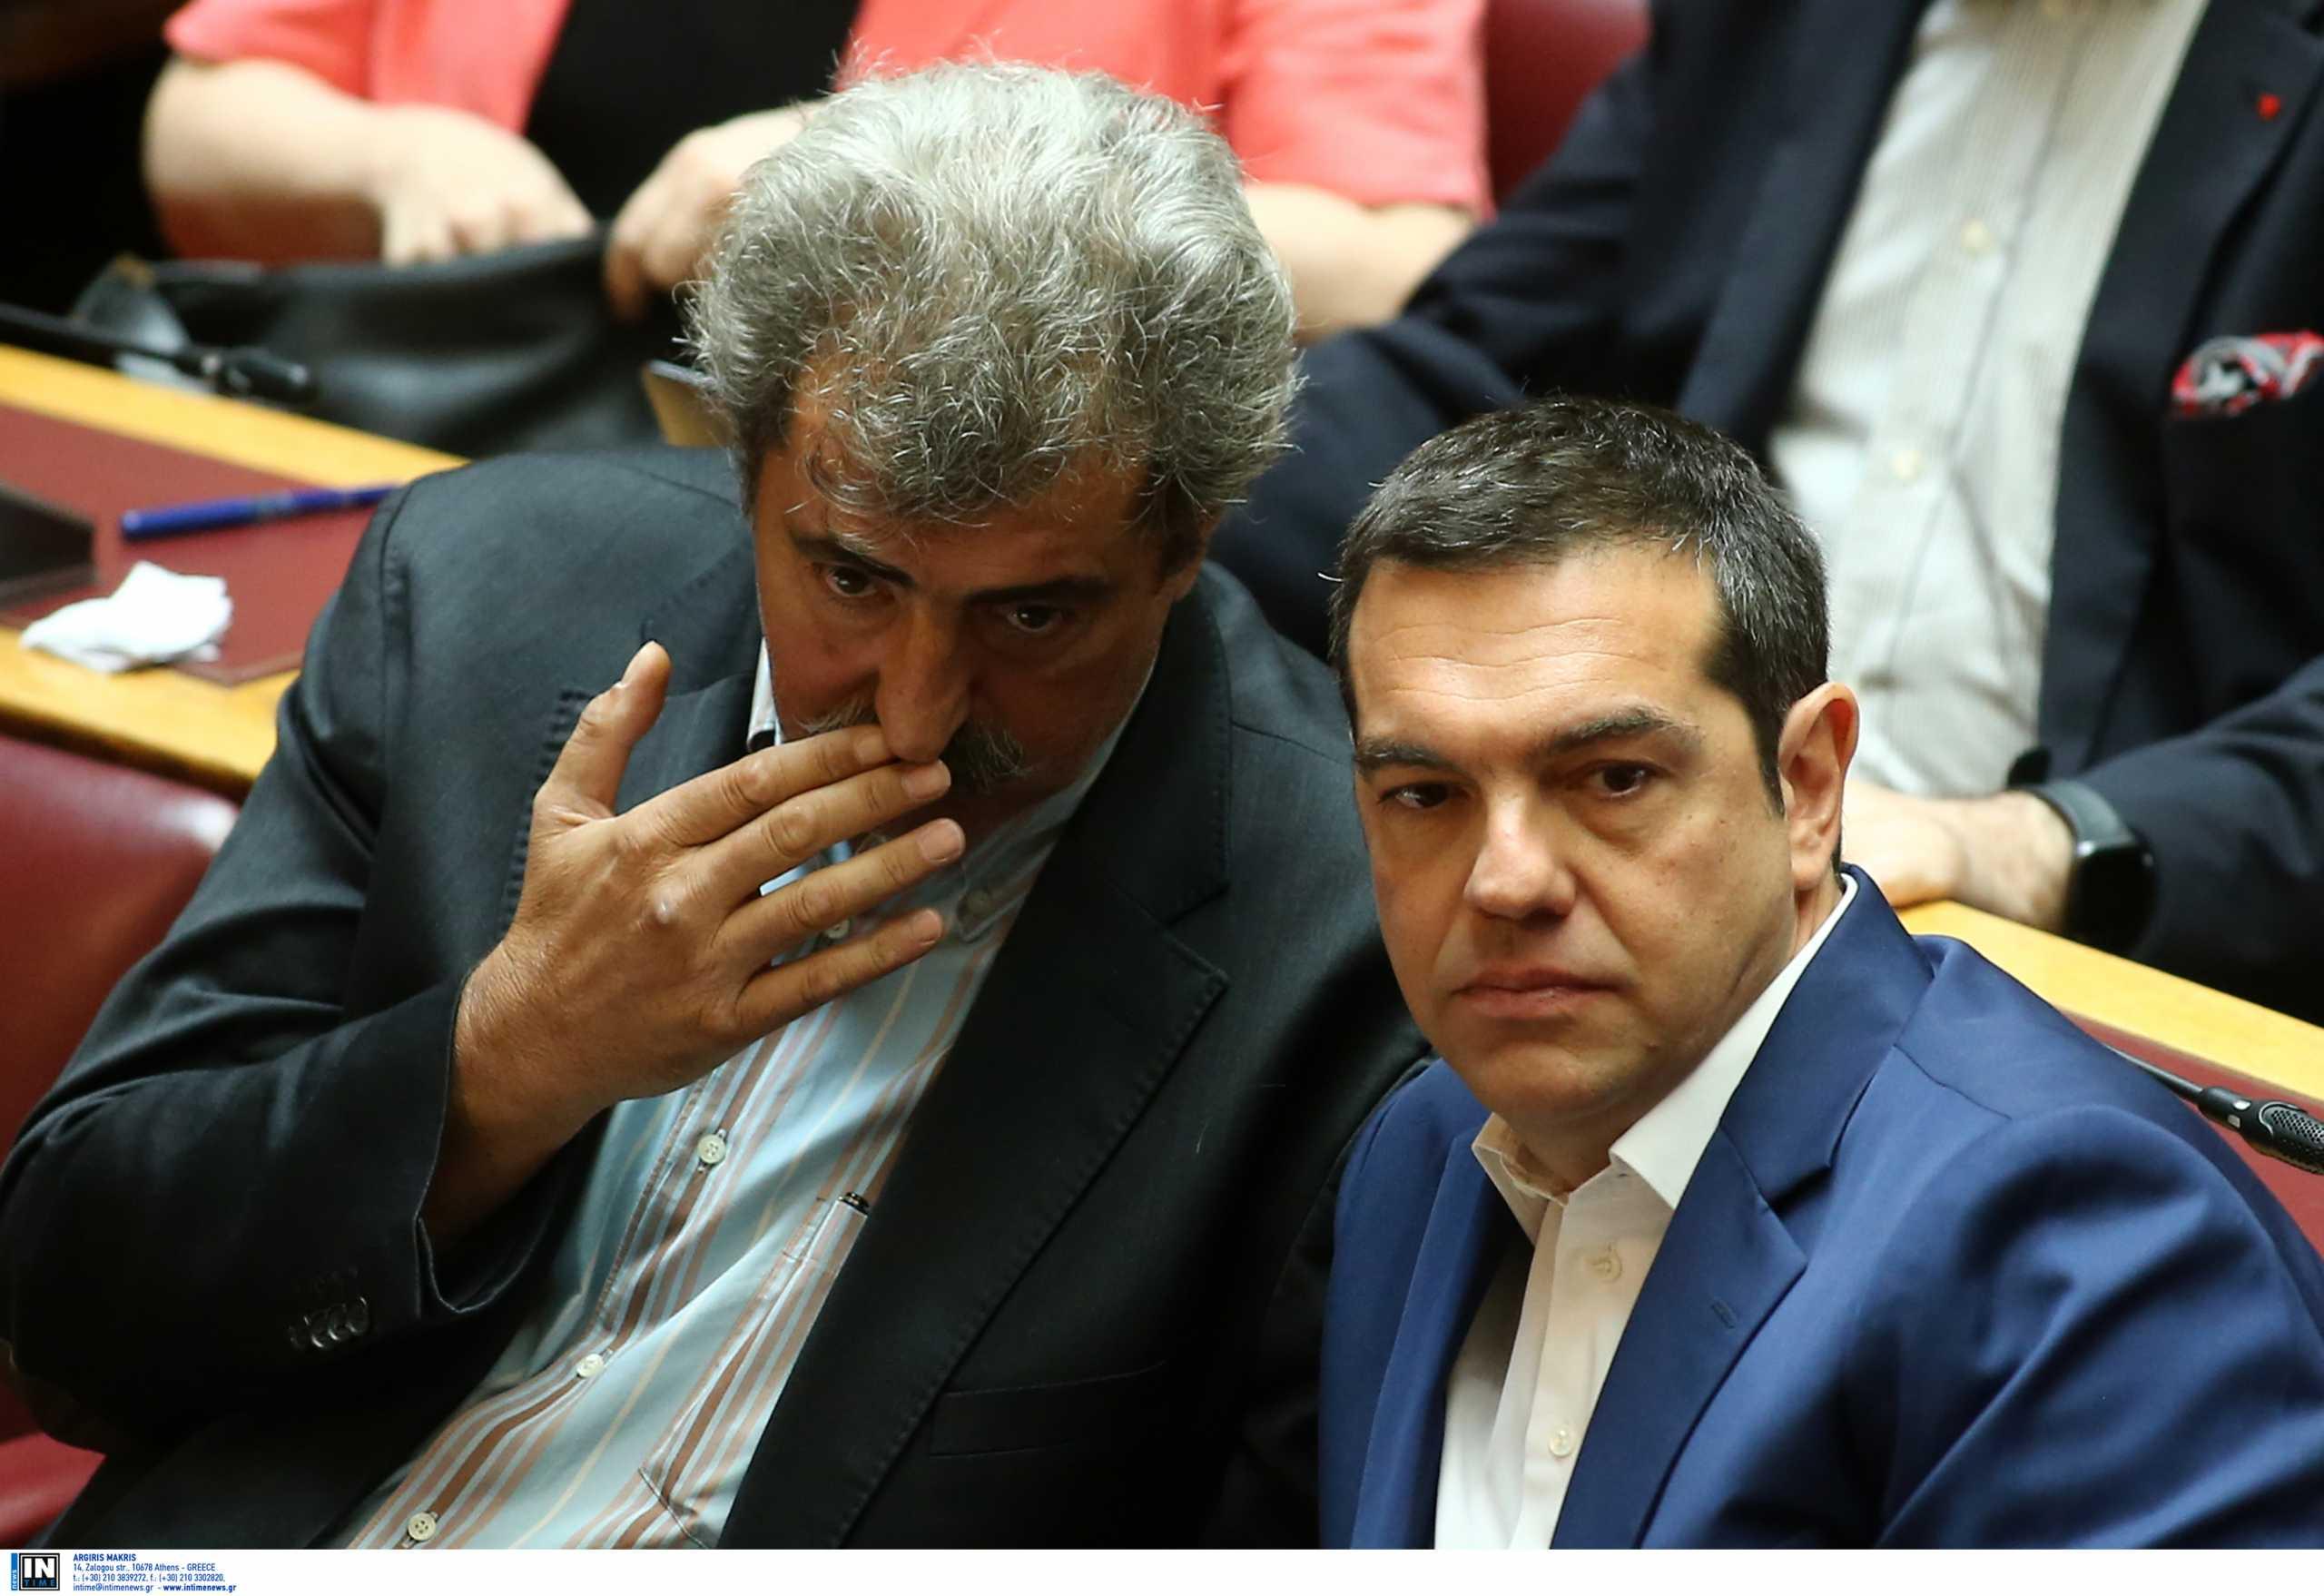 Εμβολιάστηκε ο Παύλος Πολάκης – Το τηλεφώνημα στον Αλέξη Τσίπρα